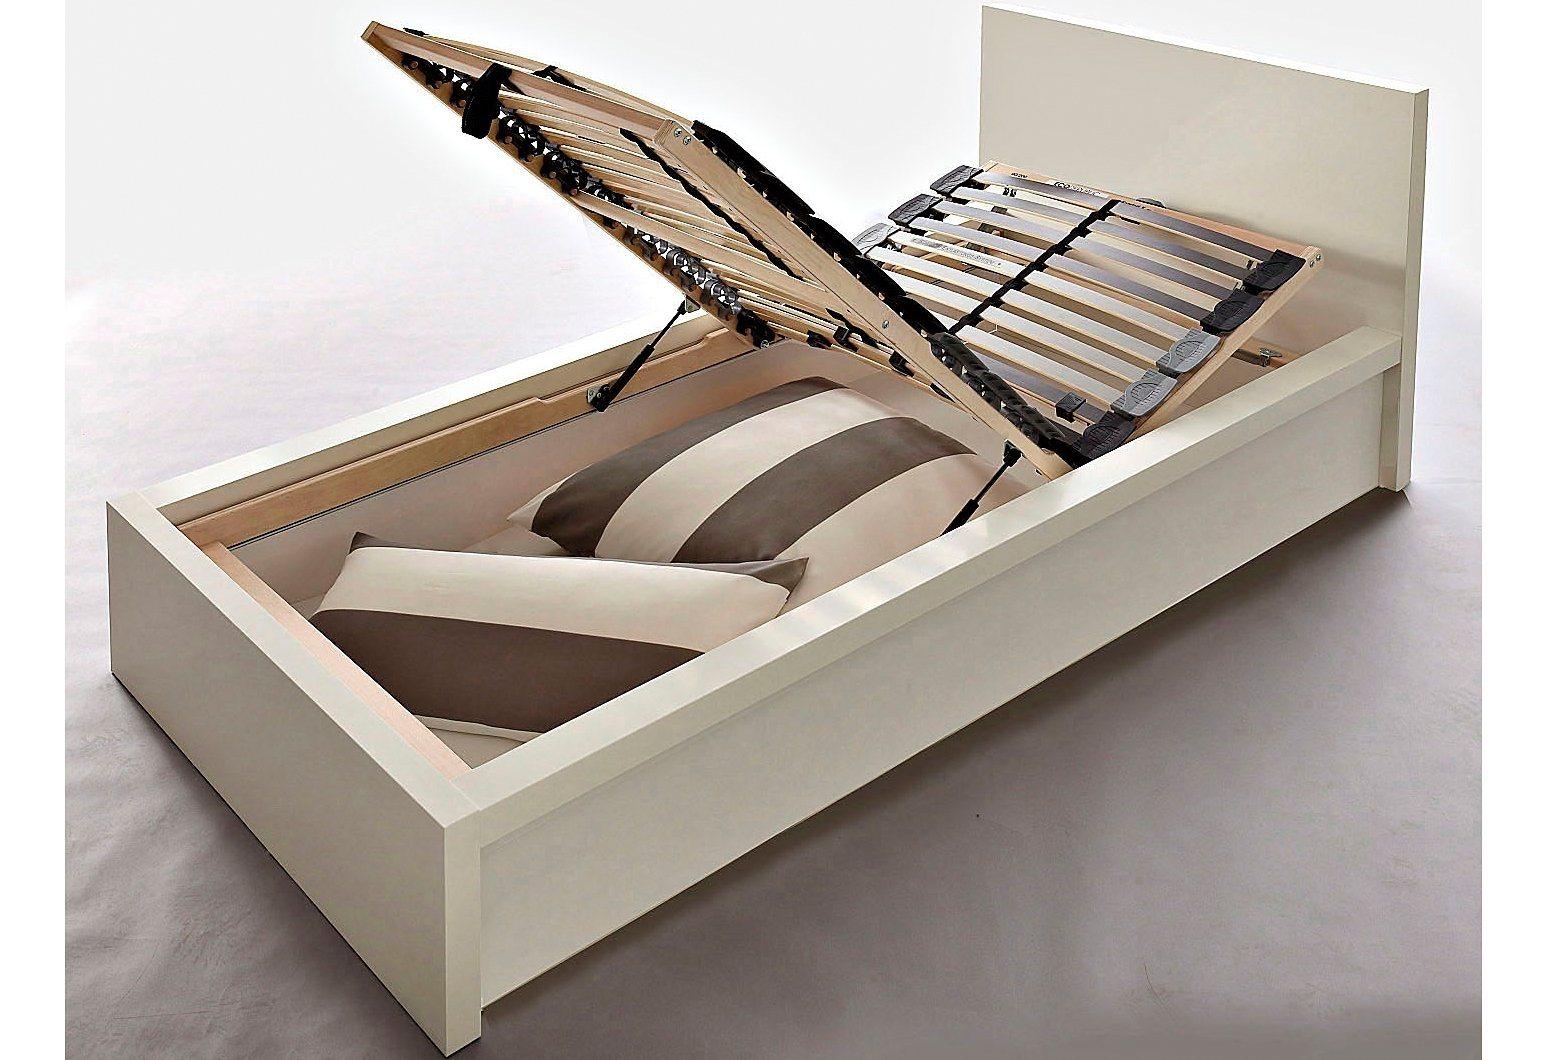 lattenrost 140x200 verstellbar preisvergleich die besten angebote online kaufen. Black Bedroom Furniture Sets. Home Design Ideas